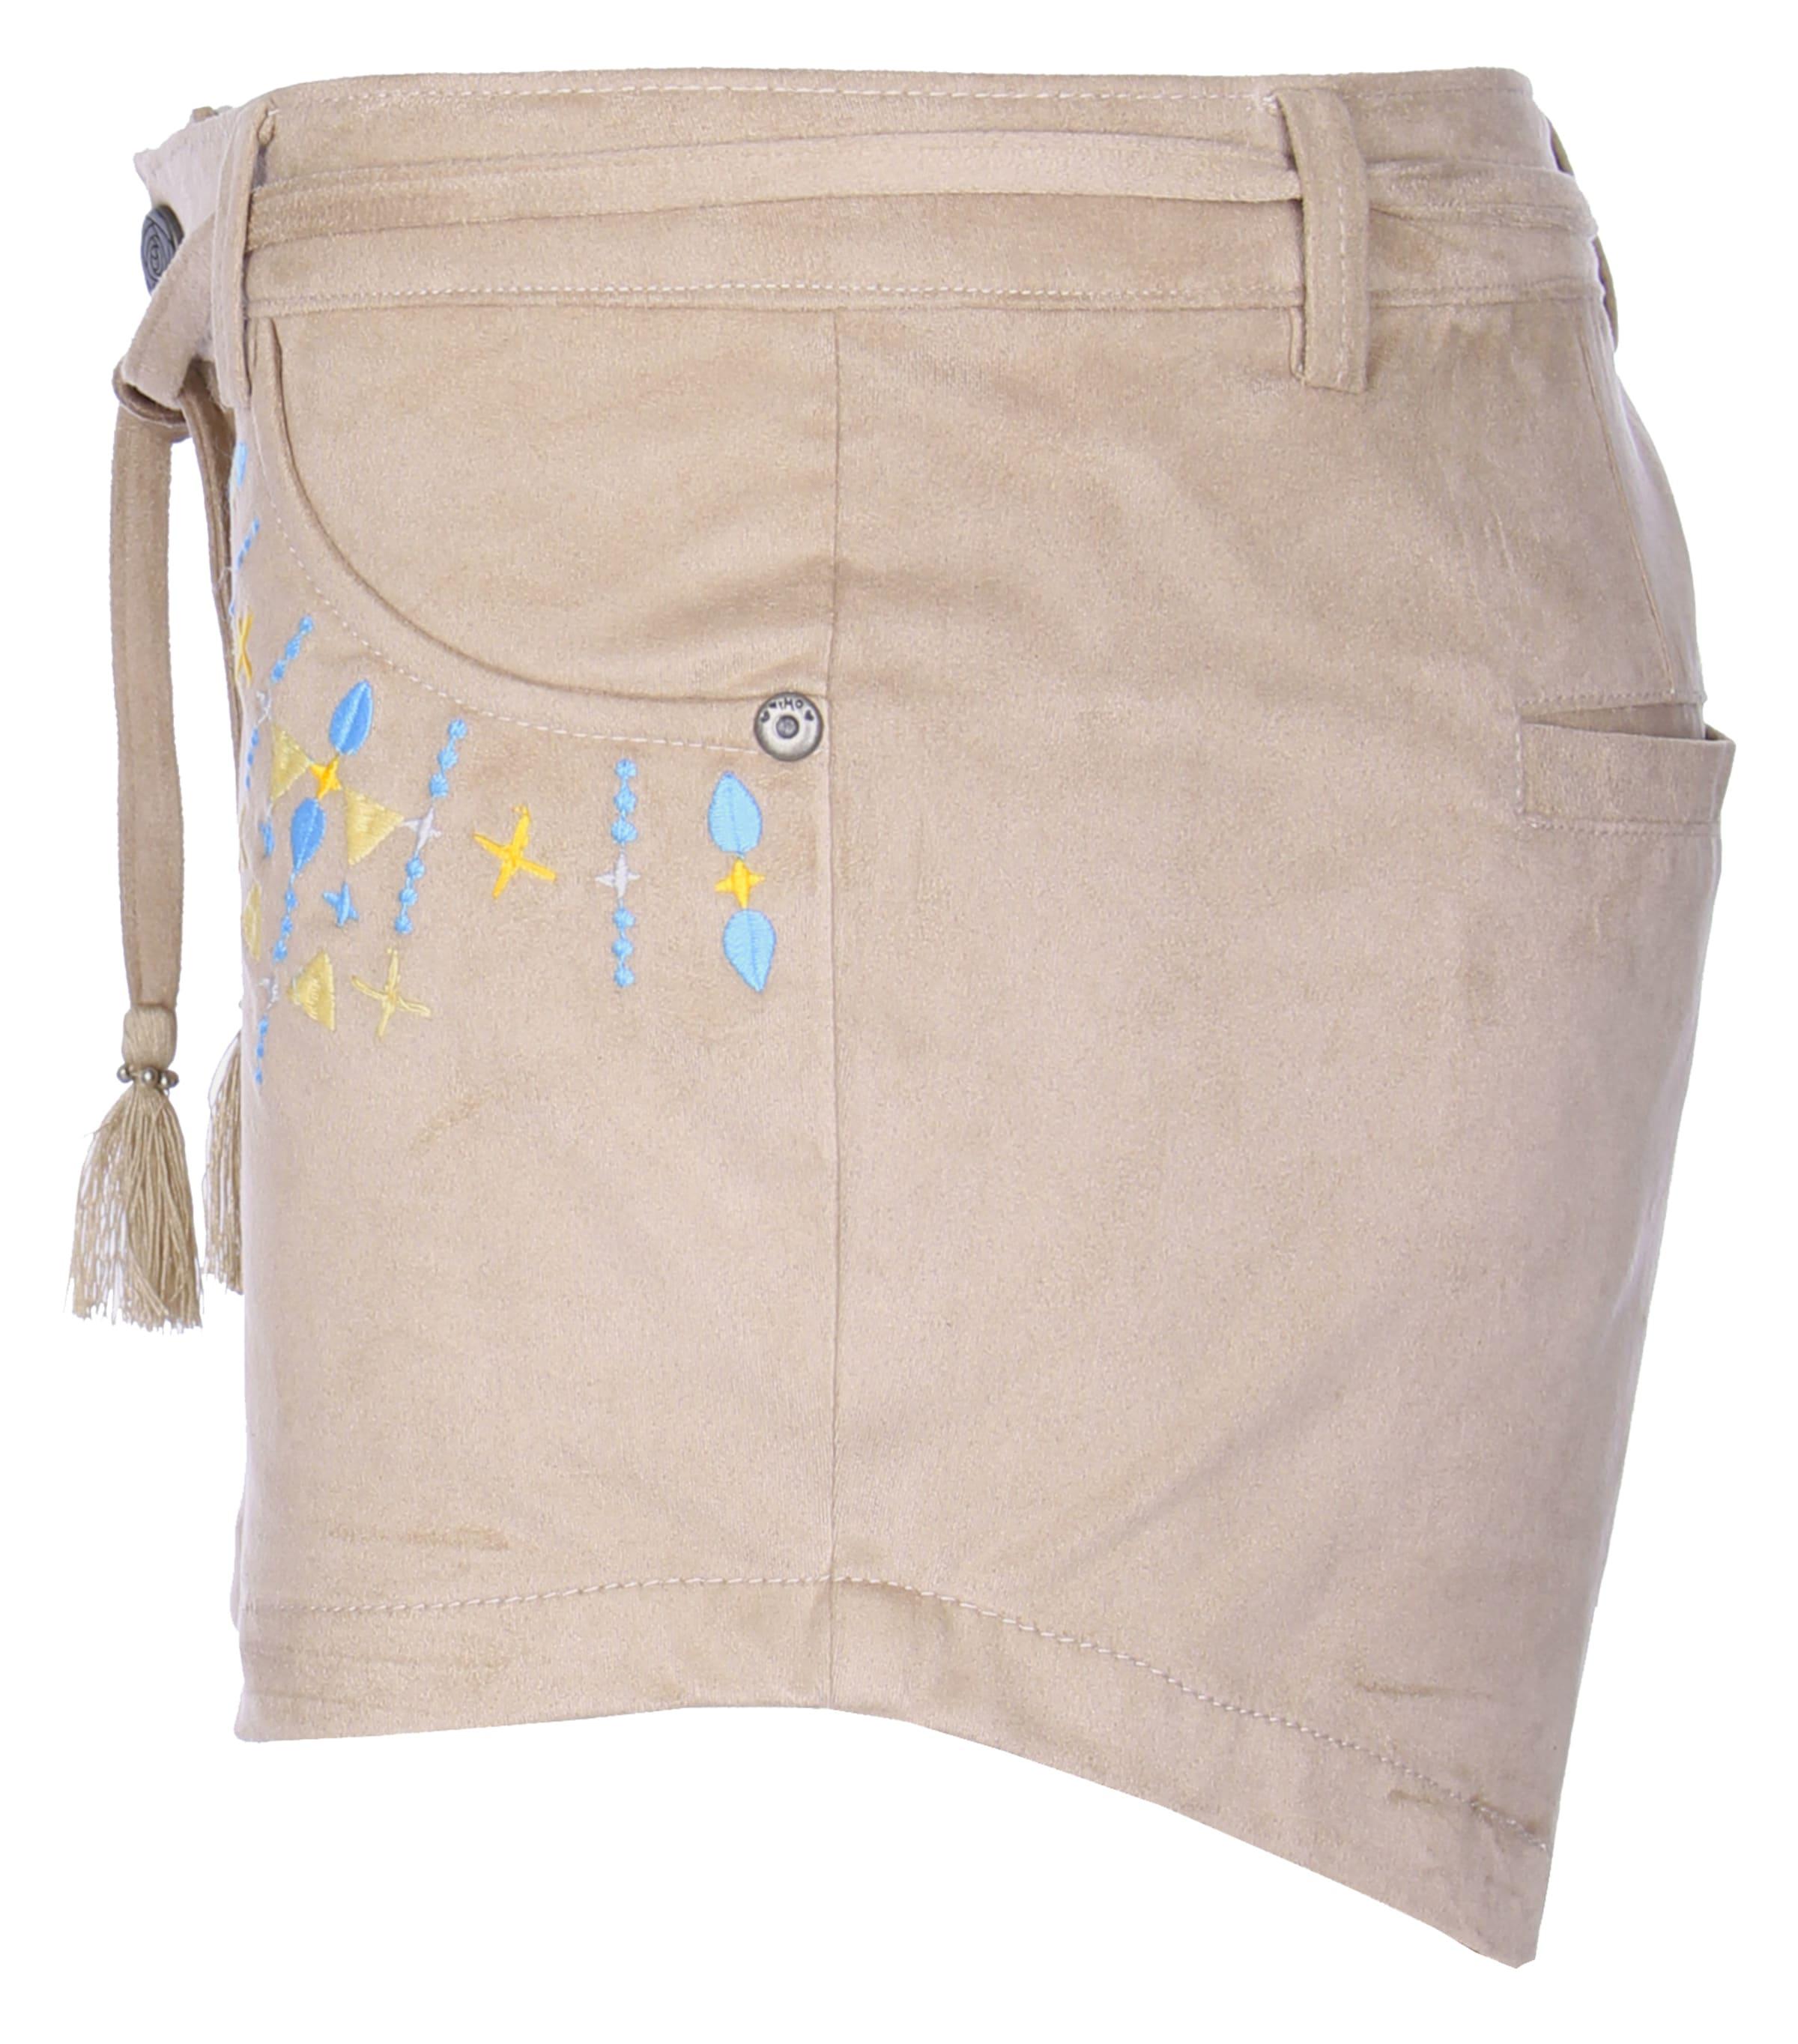 Beige In Mymo Shorts Mymo Shorts In Beige Mymo SUMVpzGq